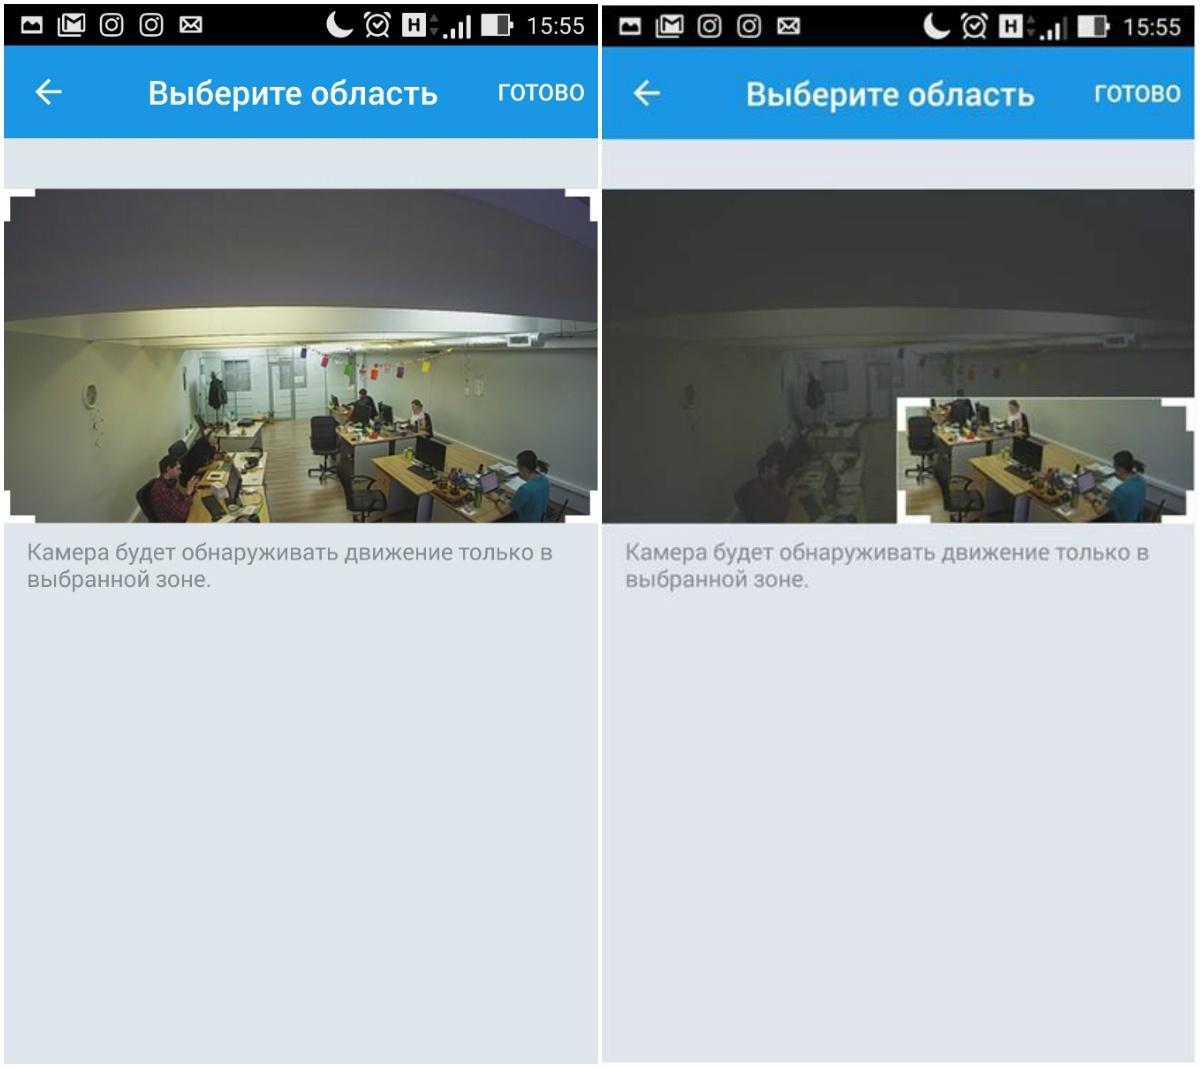 Обзор новой камеры видеонаблюдения Oco2 - 15